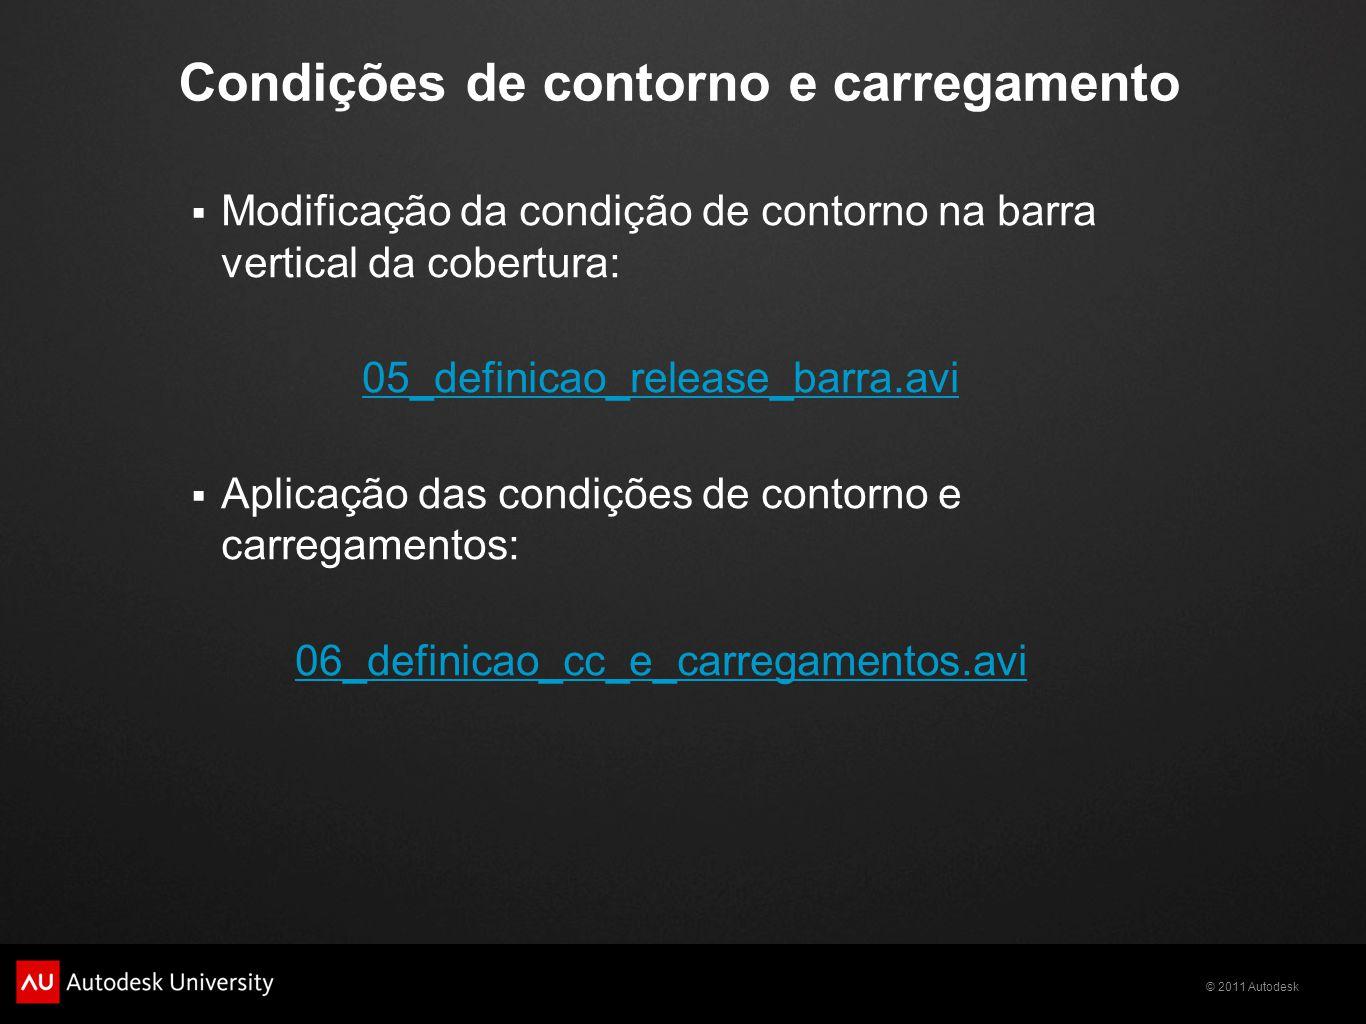 © 2011 Autodesk Condições de contorno e carregamento  Modificação da condição de contorno na barra vertical da cobertura: 05_definicao_release_barra.avi  Aplicação das condições de contorno e carregamentos: 06_definicao_cc_e_carregamentos.avi